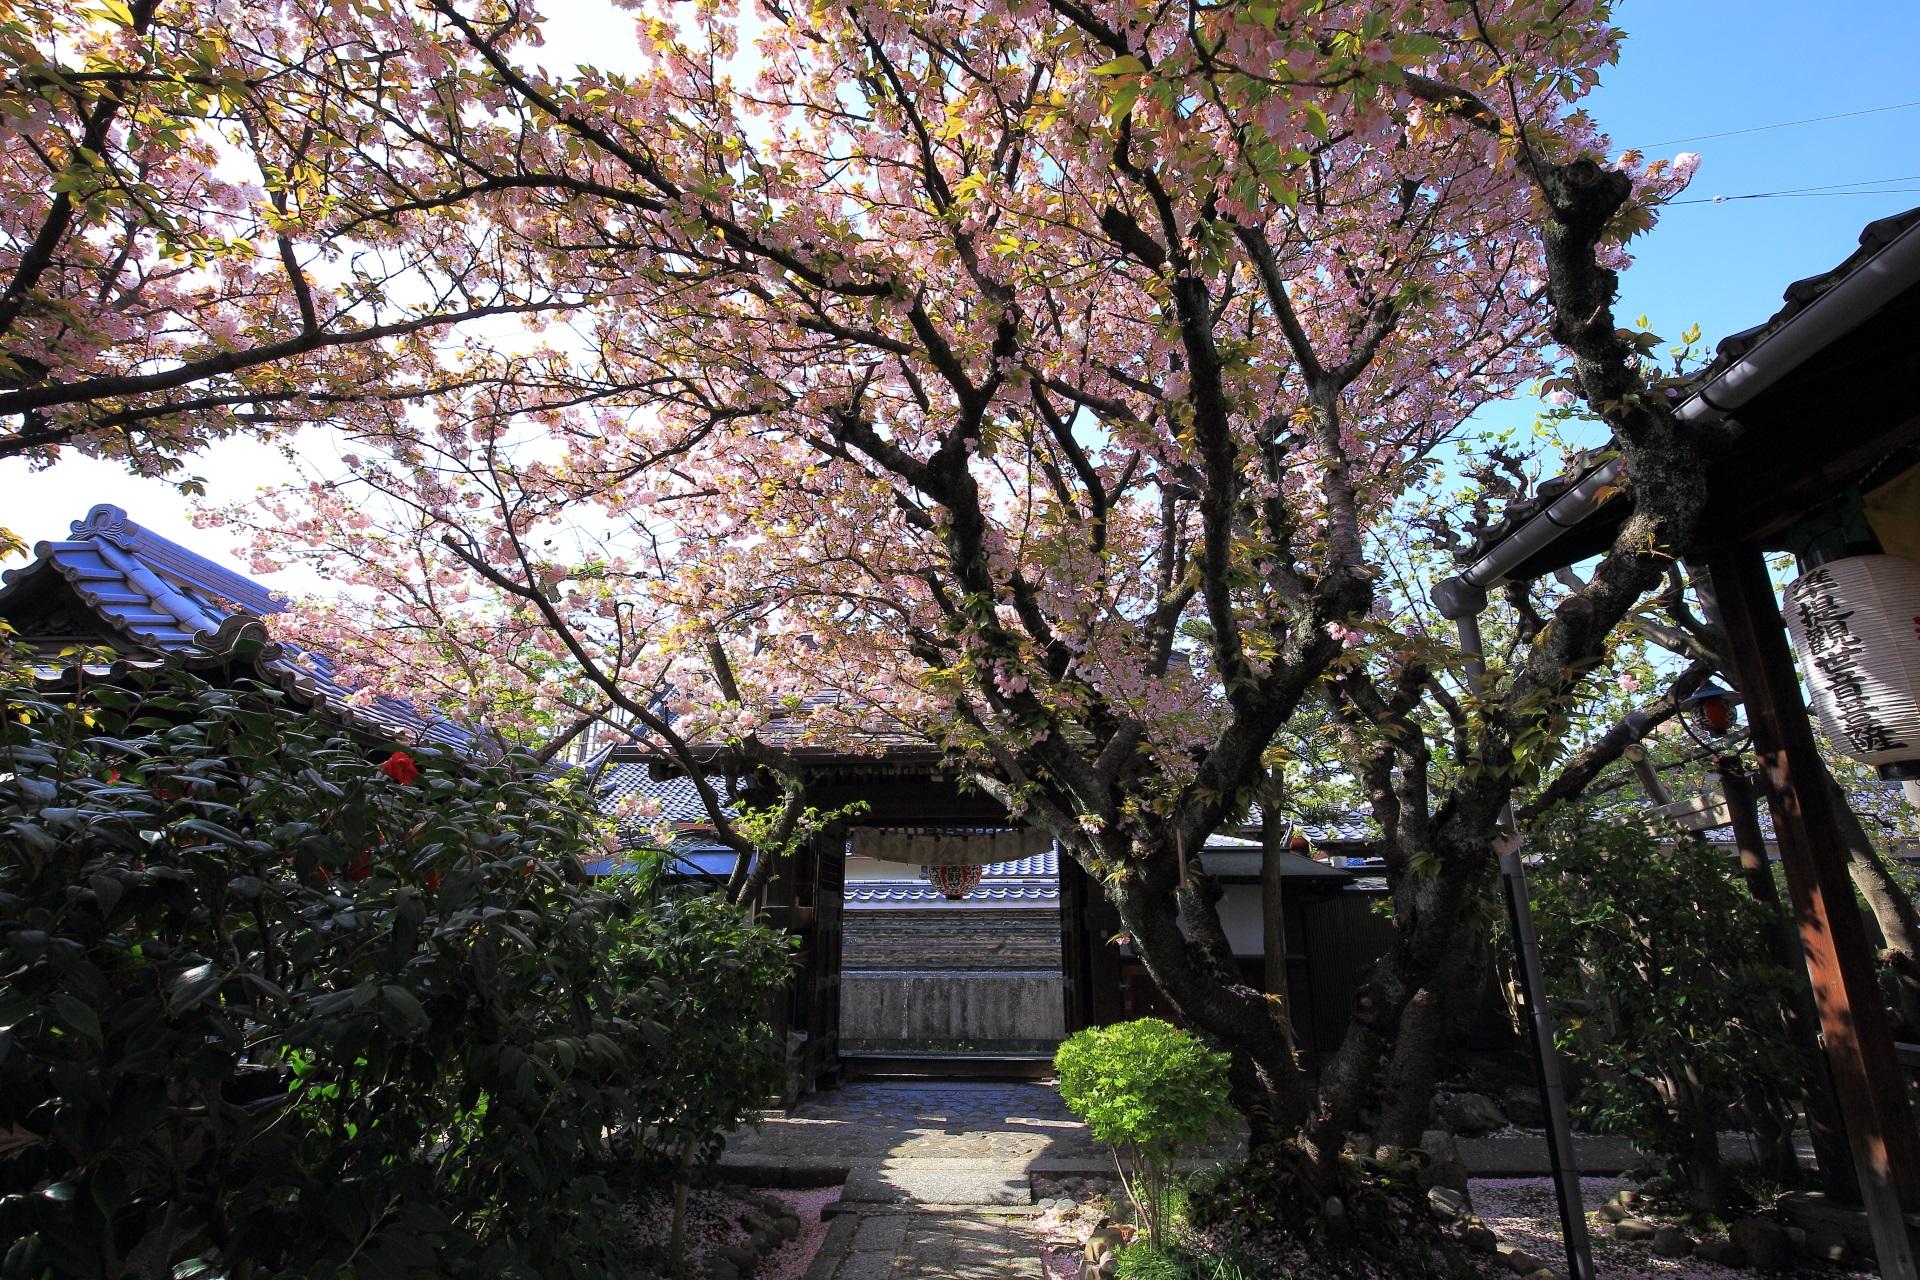 絵になる開門している雨宝院の桜